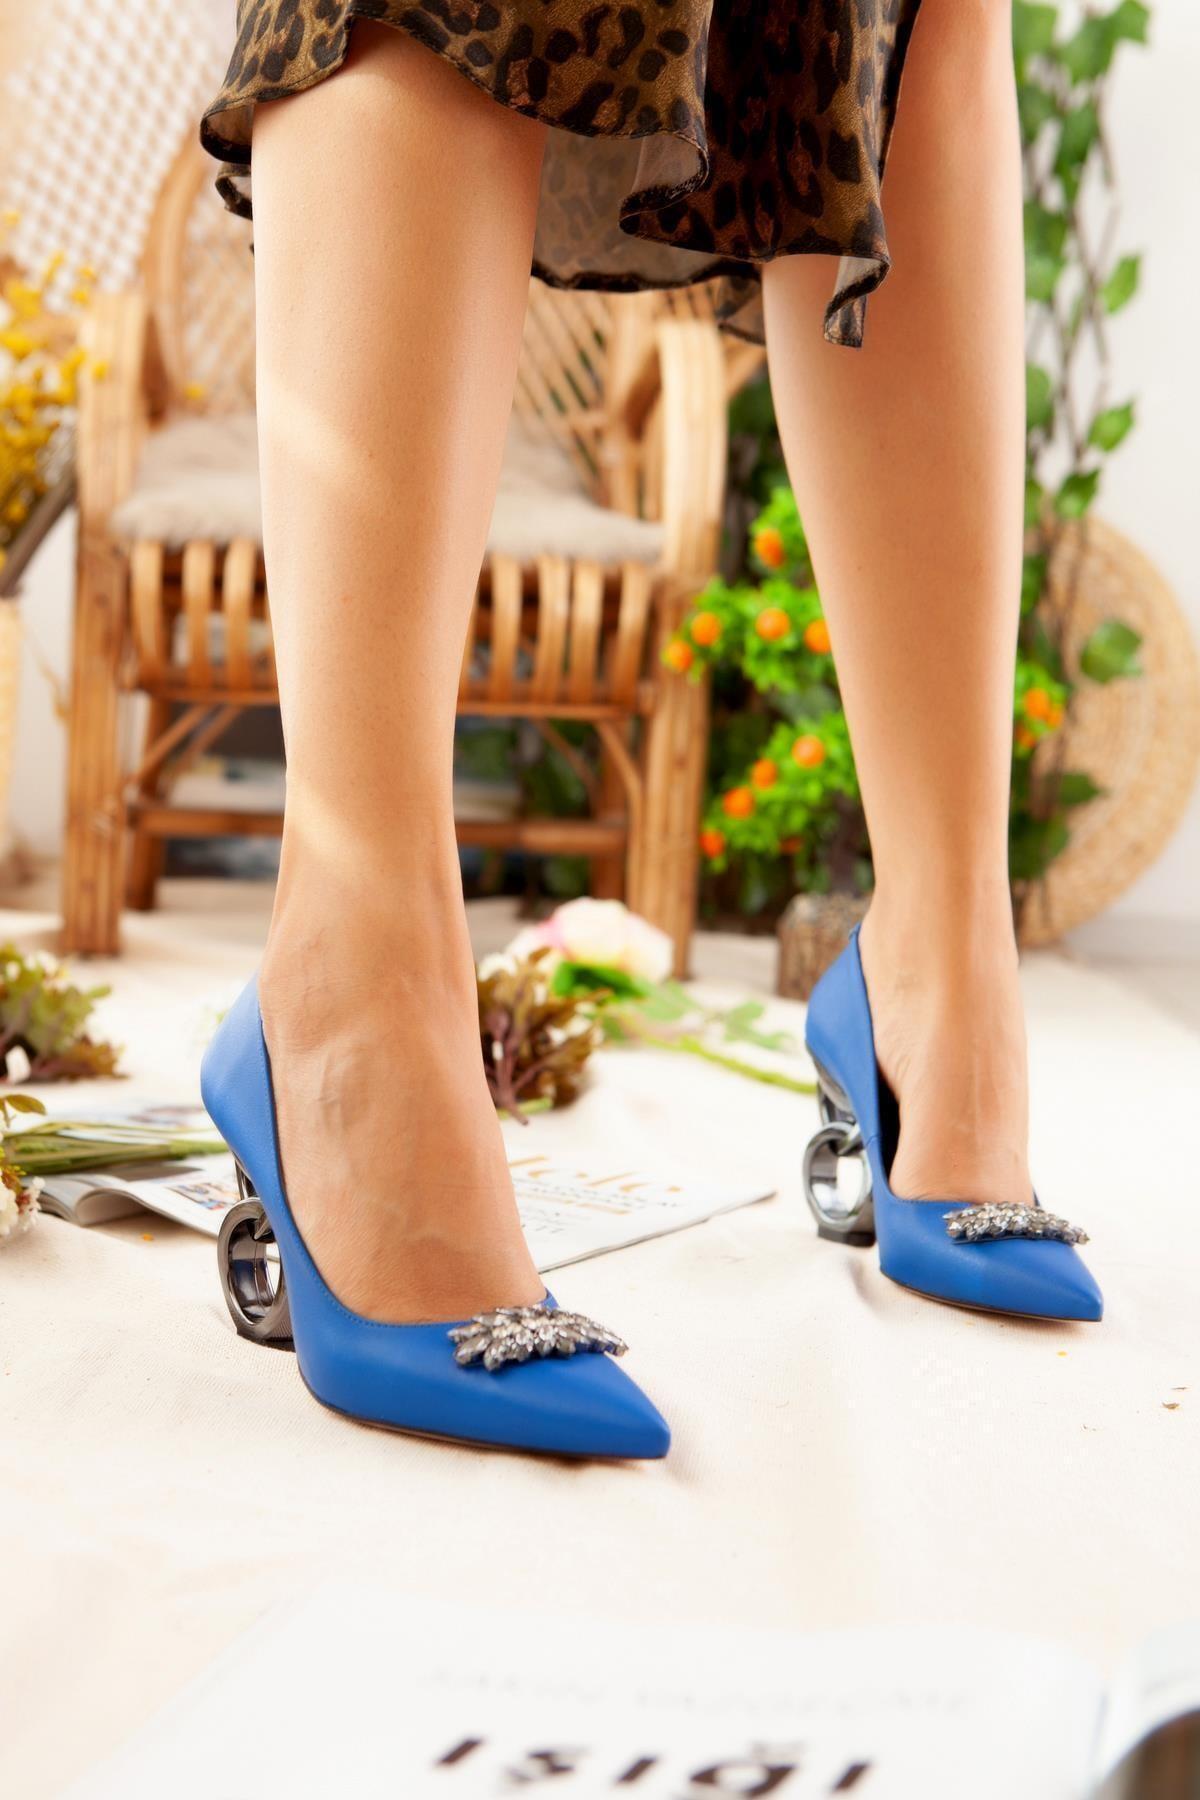 Limoya Kadın Saks Taşlı Halka Topuklu Stiletto 2